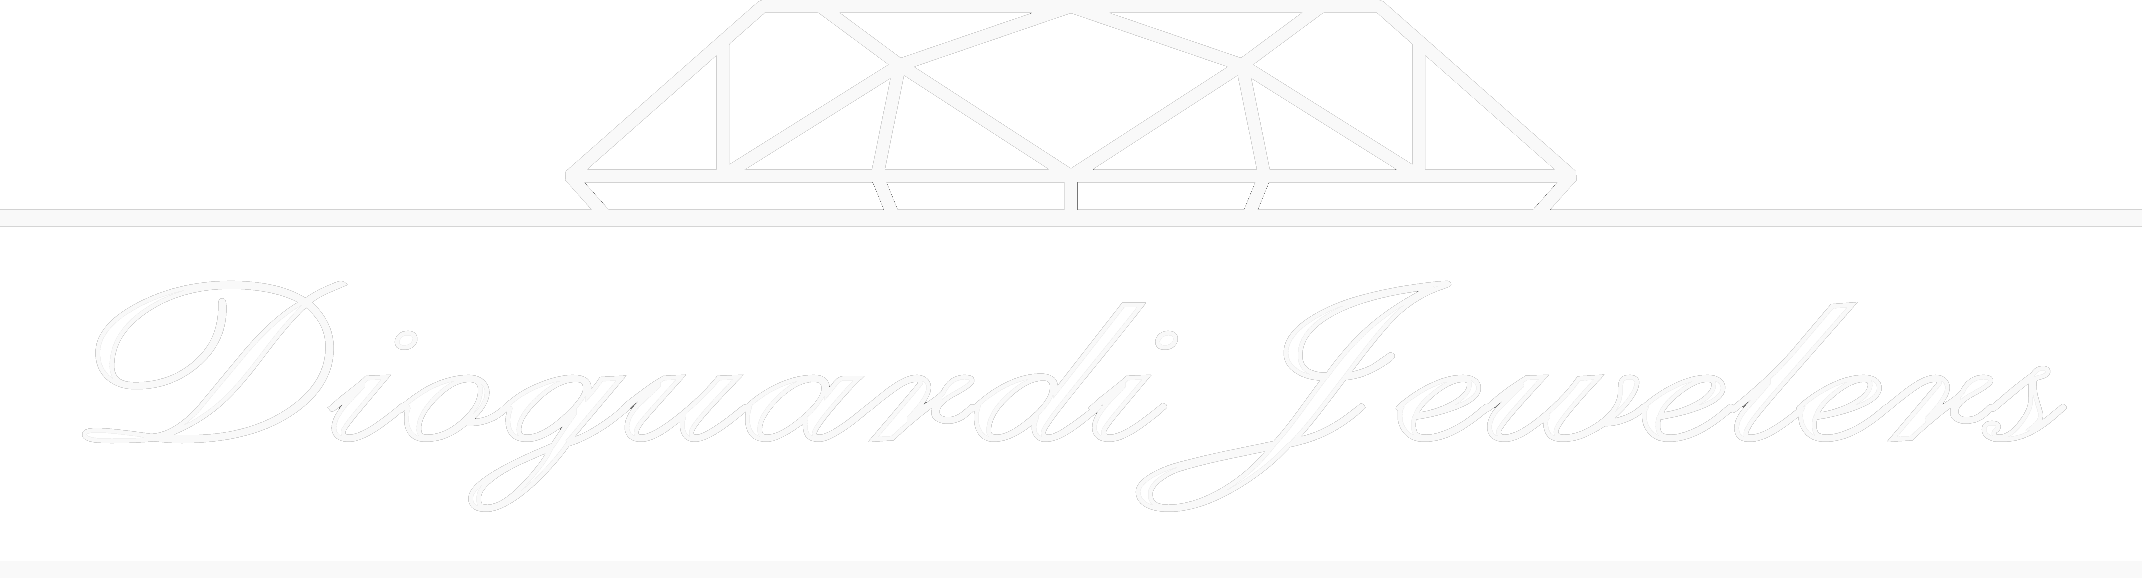 Dioguardi Jewelers Logo